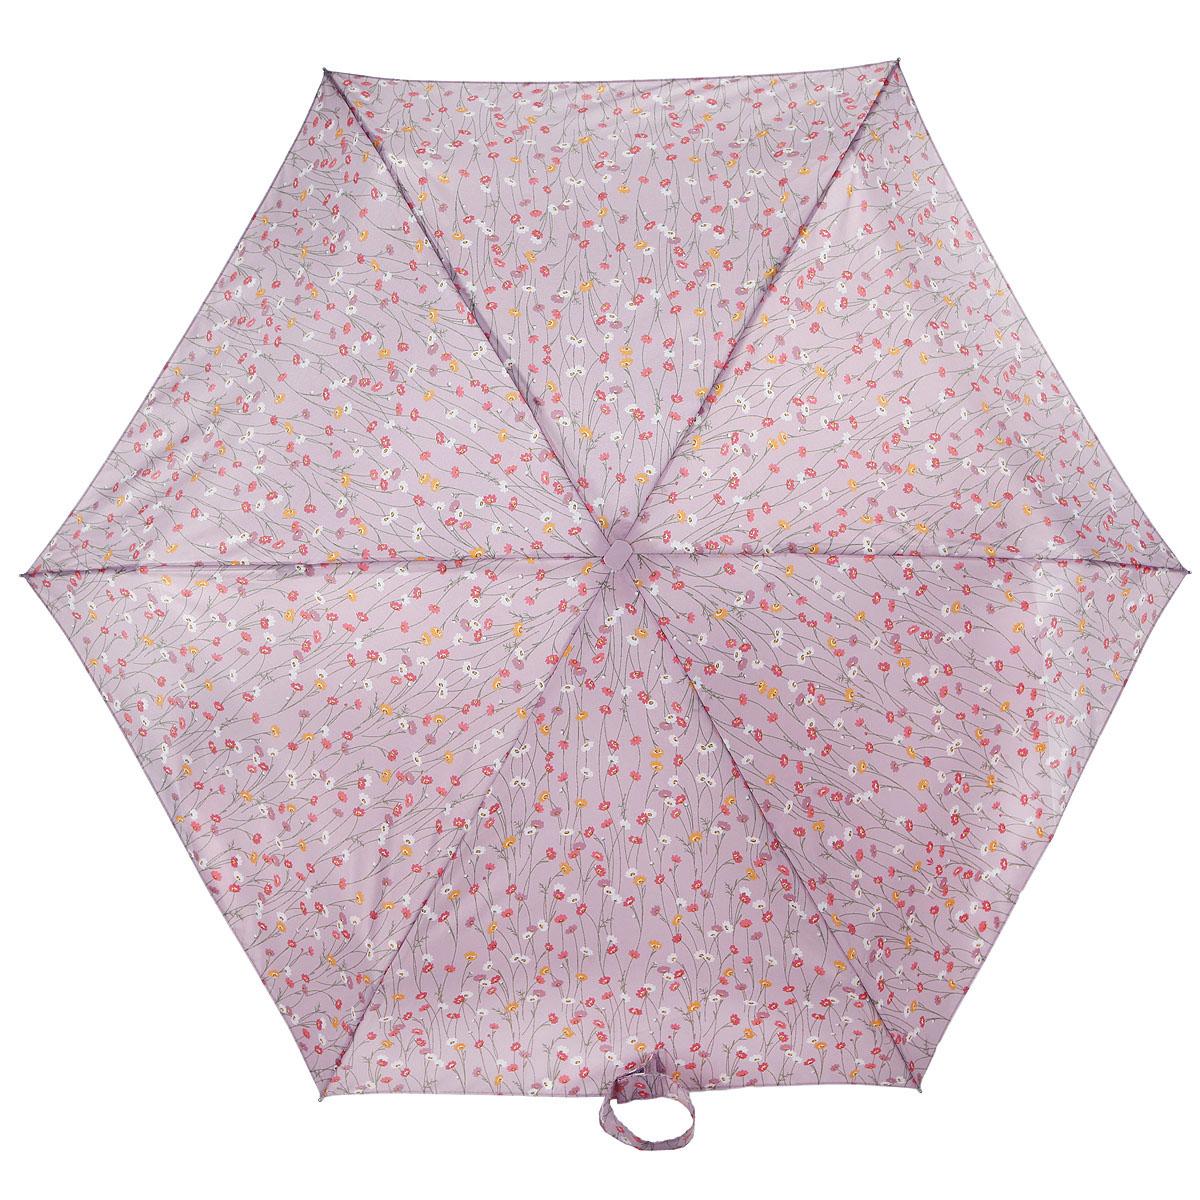 Зонт женский Fulton Tiny-2. Spring Fair, механический, 5 сложений, цвет: сиреневый. L501-2924П250071001-22Очаровательный механический зонт Tiny-2. Spring Fair в 5 сложений изготовлен из высокопрочных материалов. Каркас зонта состоит из 6 спиц и прочного алюминиевого стержня. Купол зонта выполнен из прочного полиэстера с водоотталкивающей пропиткой и оформлен рисунком в виде цветов. Рукоятка изготовлена из пластика.Зонт имеет механический механизм сложения: купол открывается и закрывается вручную до характерного щелчка.Небольшой шнурок, расположенный на рукоятке, позволяет надеть изделие на руку при необходимости. Модель закрывается при помощи хлястика на застежку-липучку. К зонту прилагается чехол.Прелестный зонт не только выручит вас в ненастную погоду, но и станет стильным аксессуаром, прекрасно дополнит ваш модный образ. Необыкновенно компактный зонт с легкостью поместится в маленькую сумочку